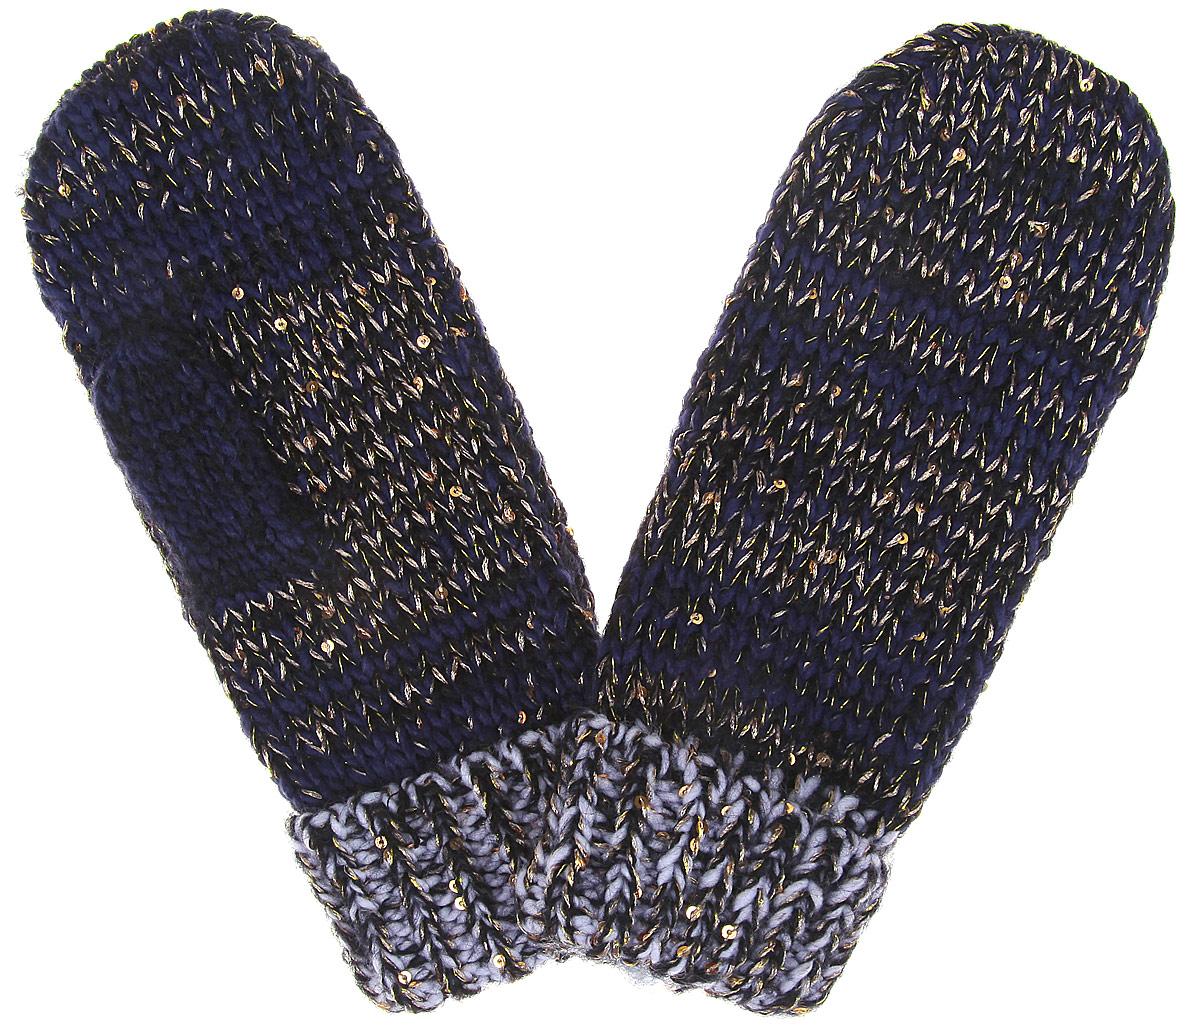 Варежки женские. Z-RE-1800Z-RE-1800_BEIGEВарежки торговой марки Moodo станут идеальным вариантом для прохладной погоды. Они максимально сохраняют тепло, мягкие, идеально сидят на руке и хорошо тянутся. Изделие выполнено из акриловой пряжи, очень мягкой и приятной на ощупь. Модель декорирована мелкими пайетками. Интересный дизайн и расцветка изделия сделают ваш образ стильным и привлекательным. Такие варежки надежно защитят ваши руки от холода.